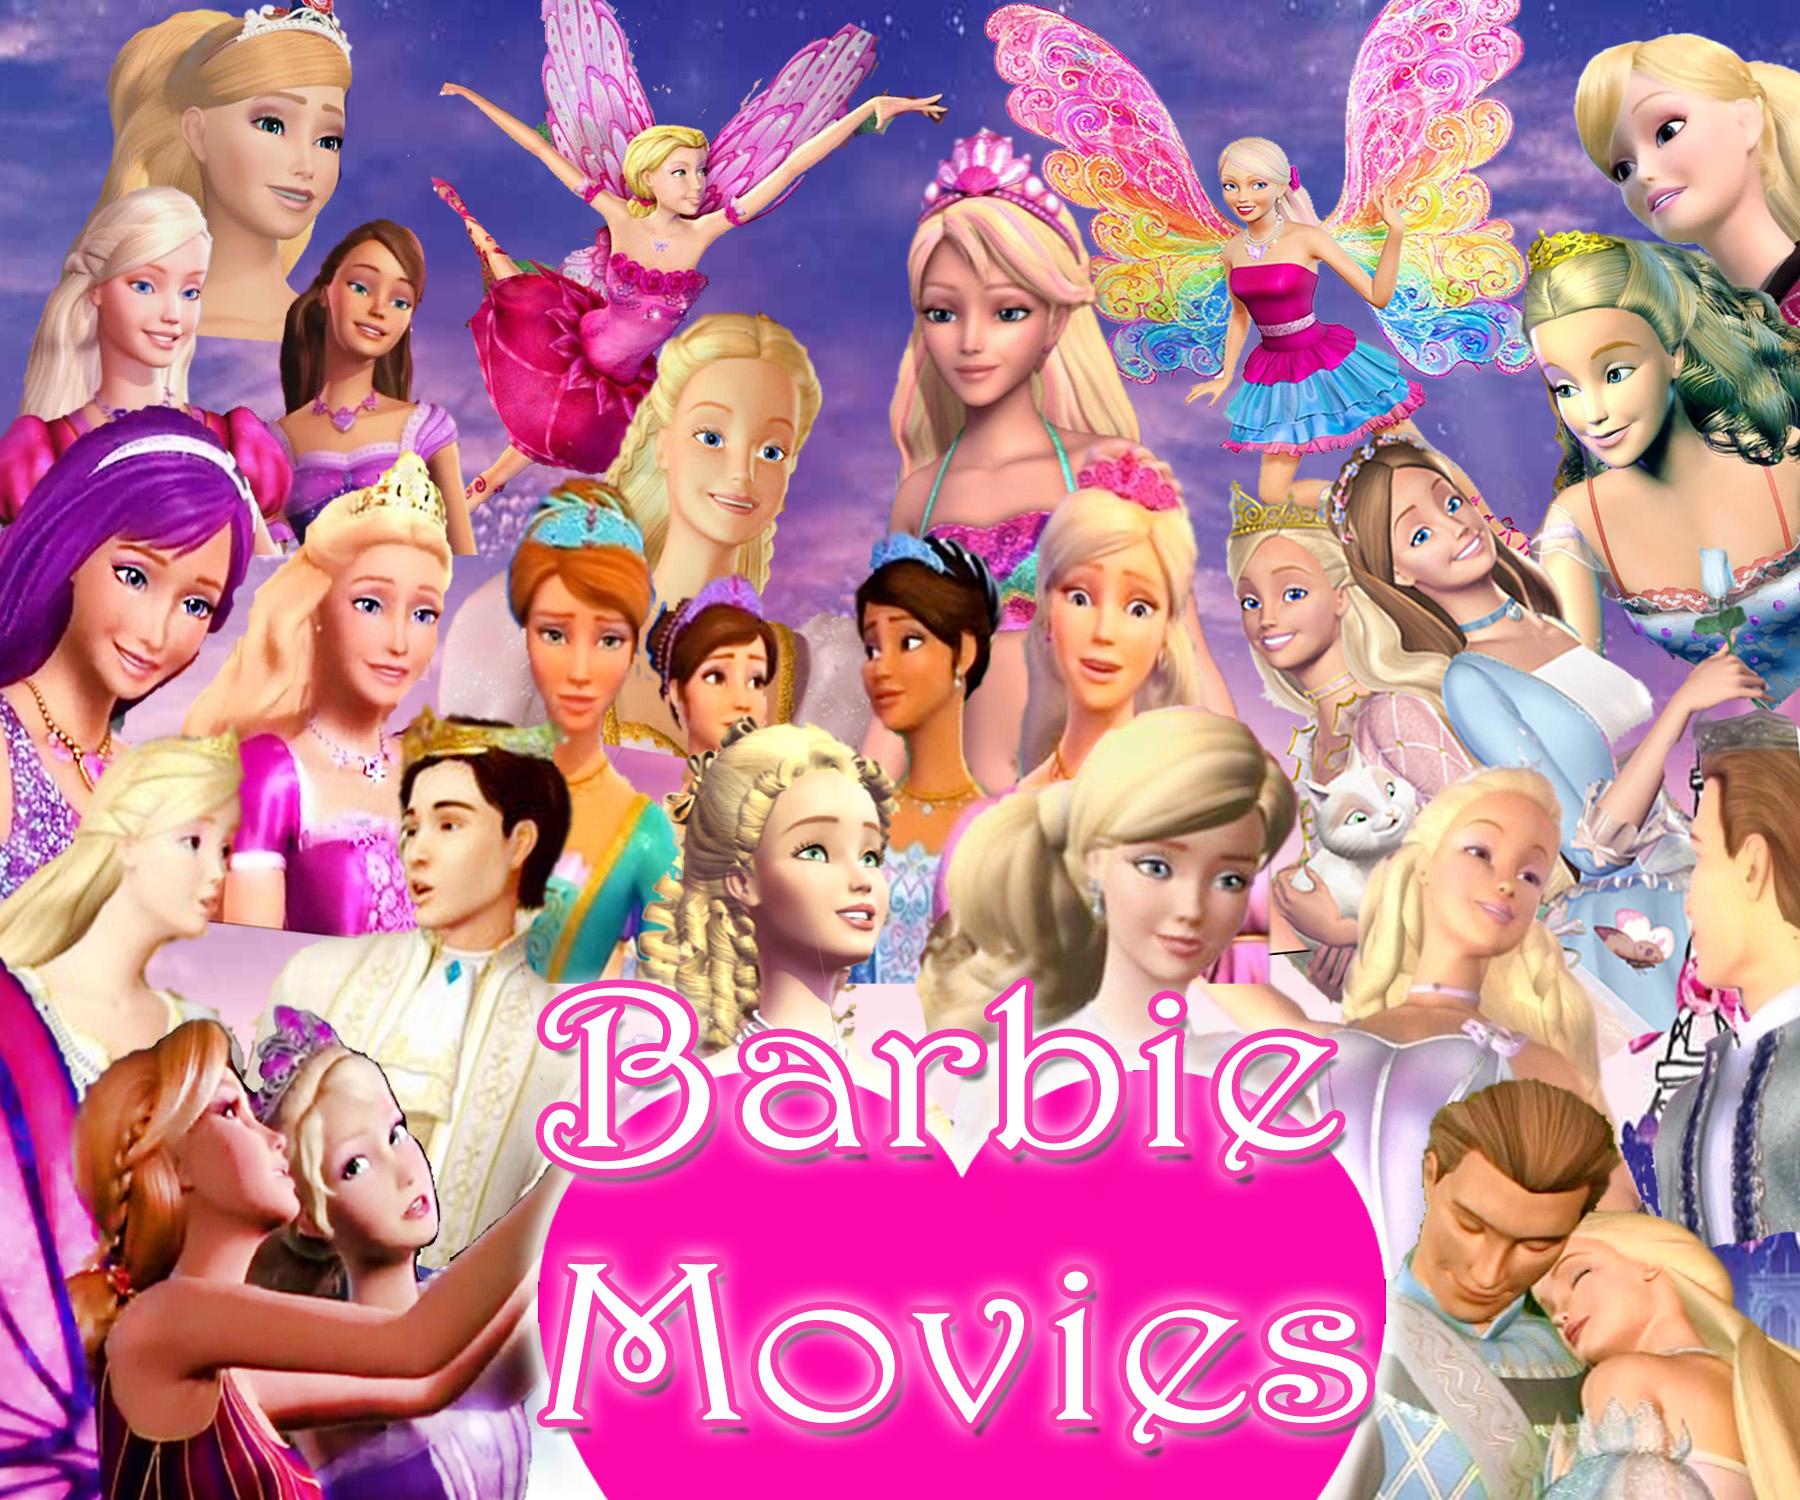 The Barbie Movies Barbie Movies Fan Art 35230275 Fanpop